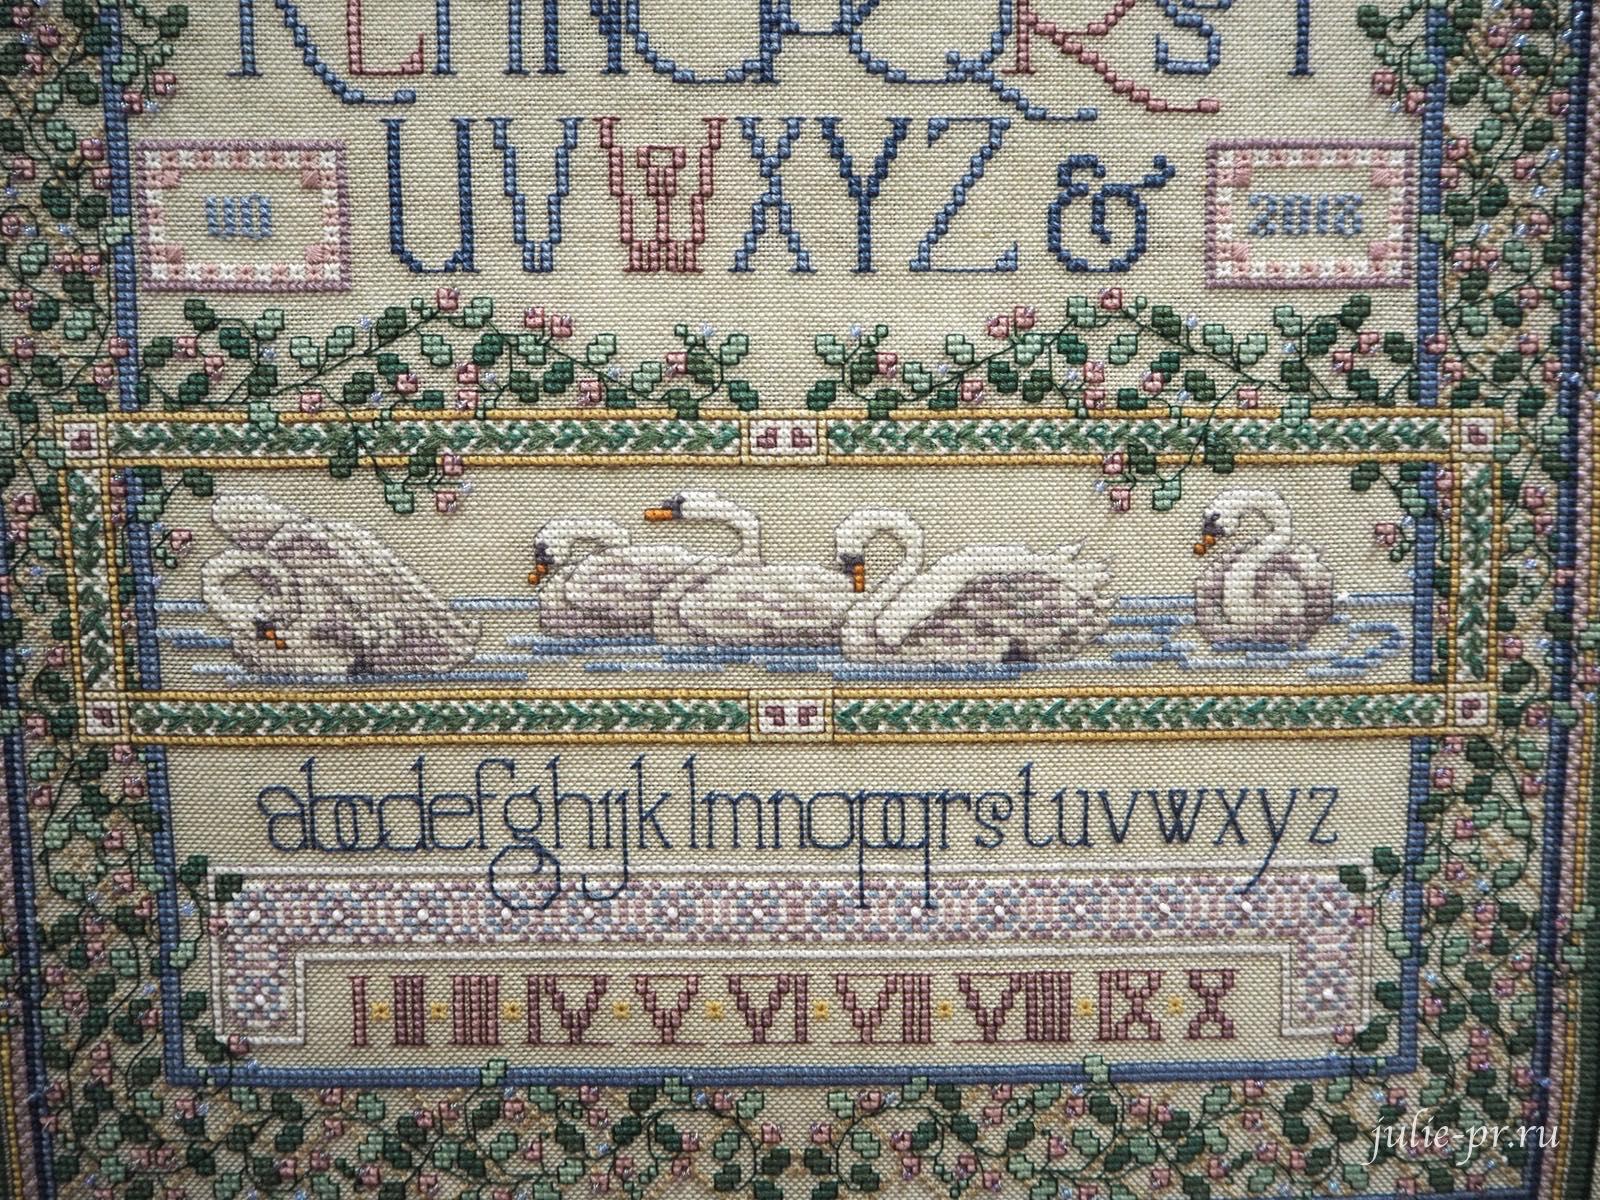 Тереза Венцлер, вышивка крестом, Teresa Wentzler, English Cottage Sampler, Семплер английский коттедж